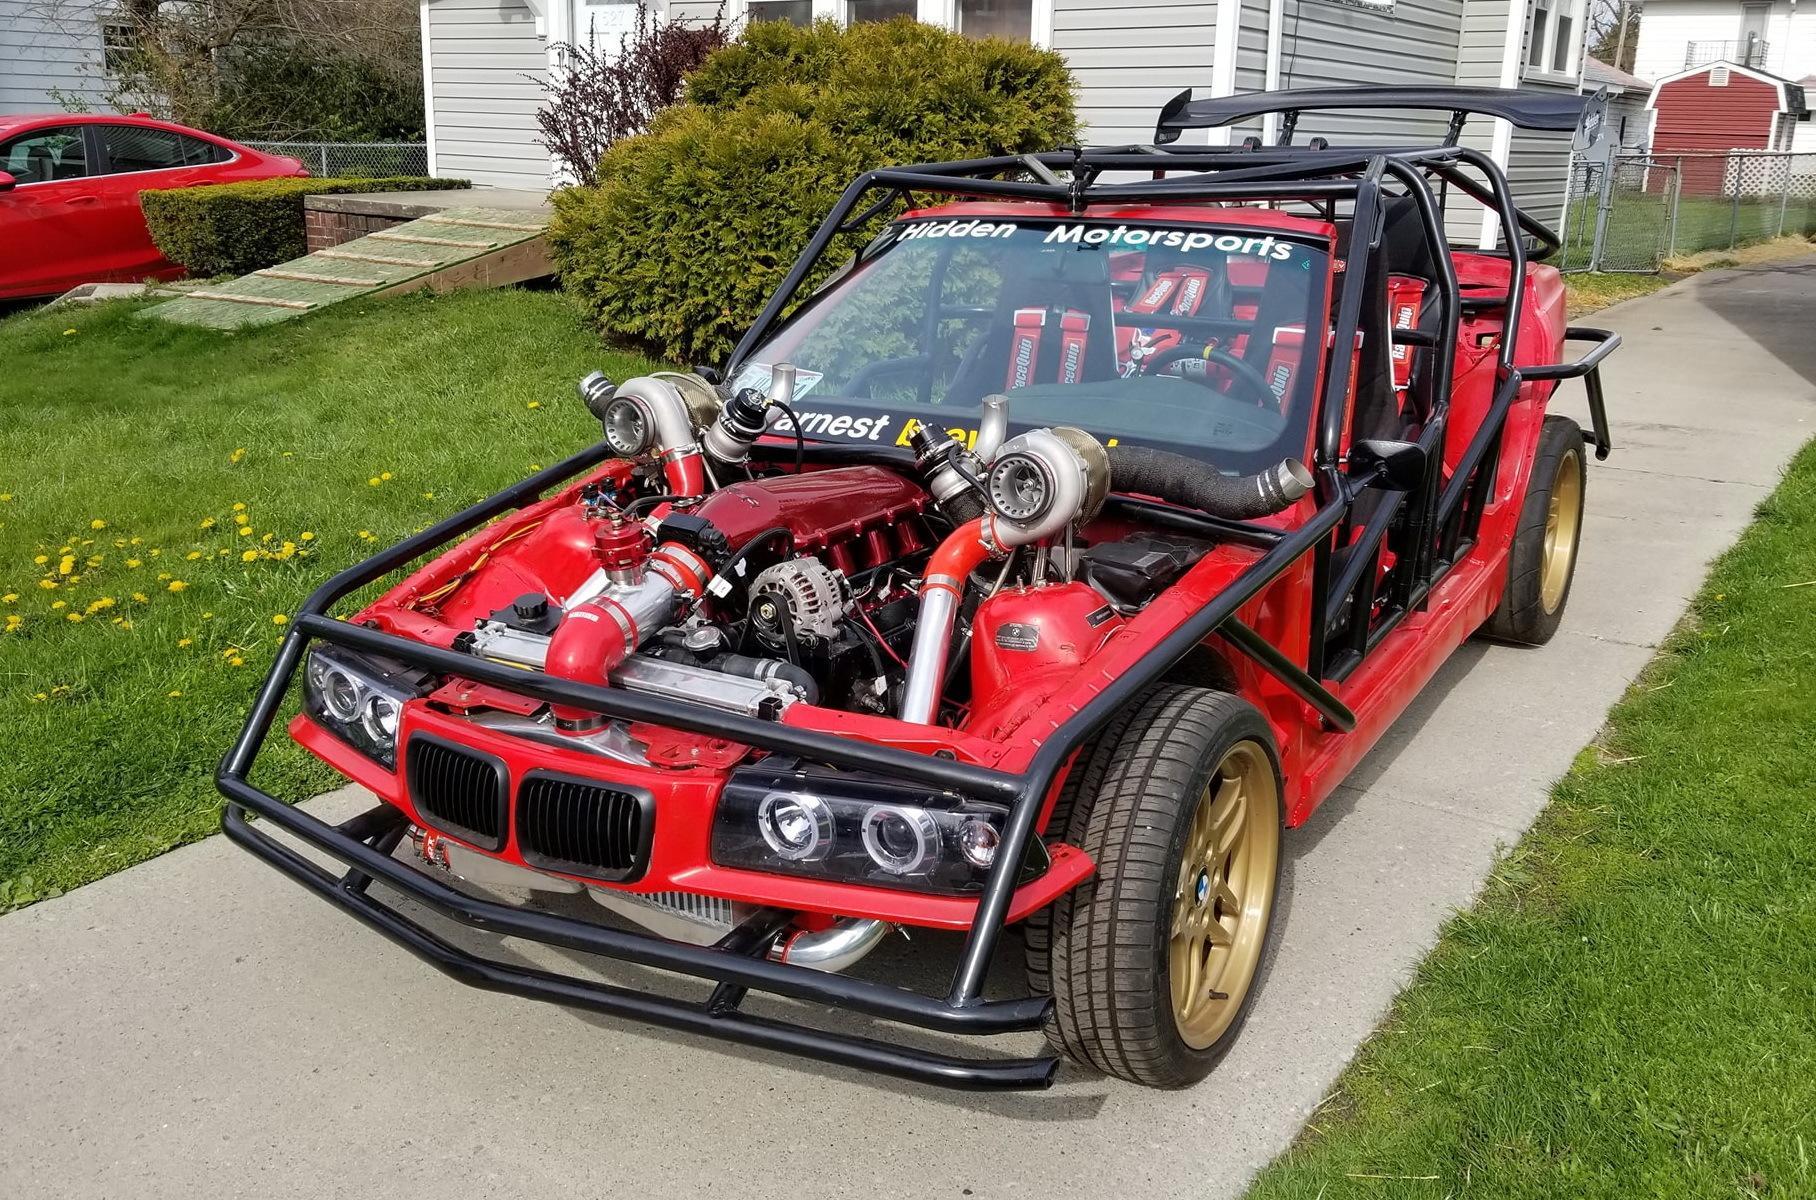 Мастерская Hidden Motorsports из американского штата Огайо превратила пожилой седан BMW 3 серии E36 в безумный корч. С исходником его роднят разве что форма кузова, лобовое стекло, оптика, диски и передняя панель.